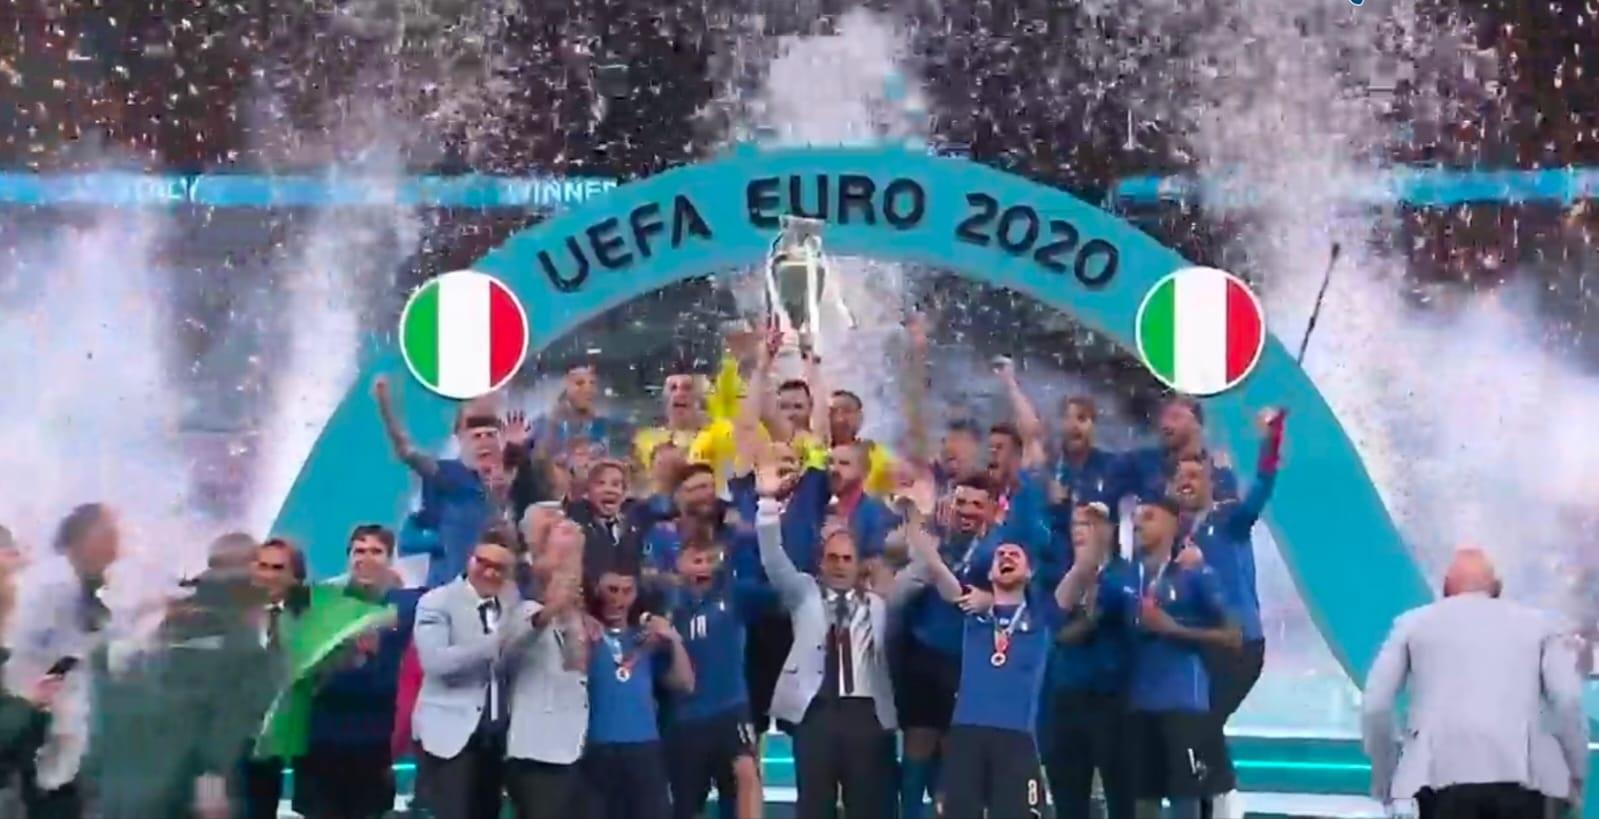 ITALIA JUARA EURO 2020, INGGRIS MENANGIS 1